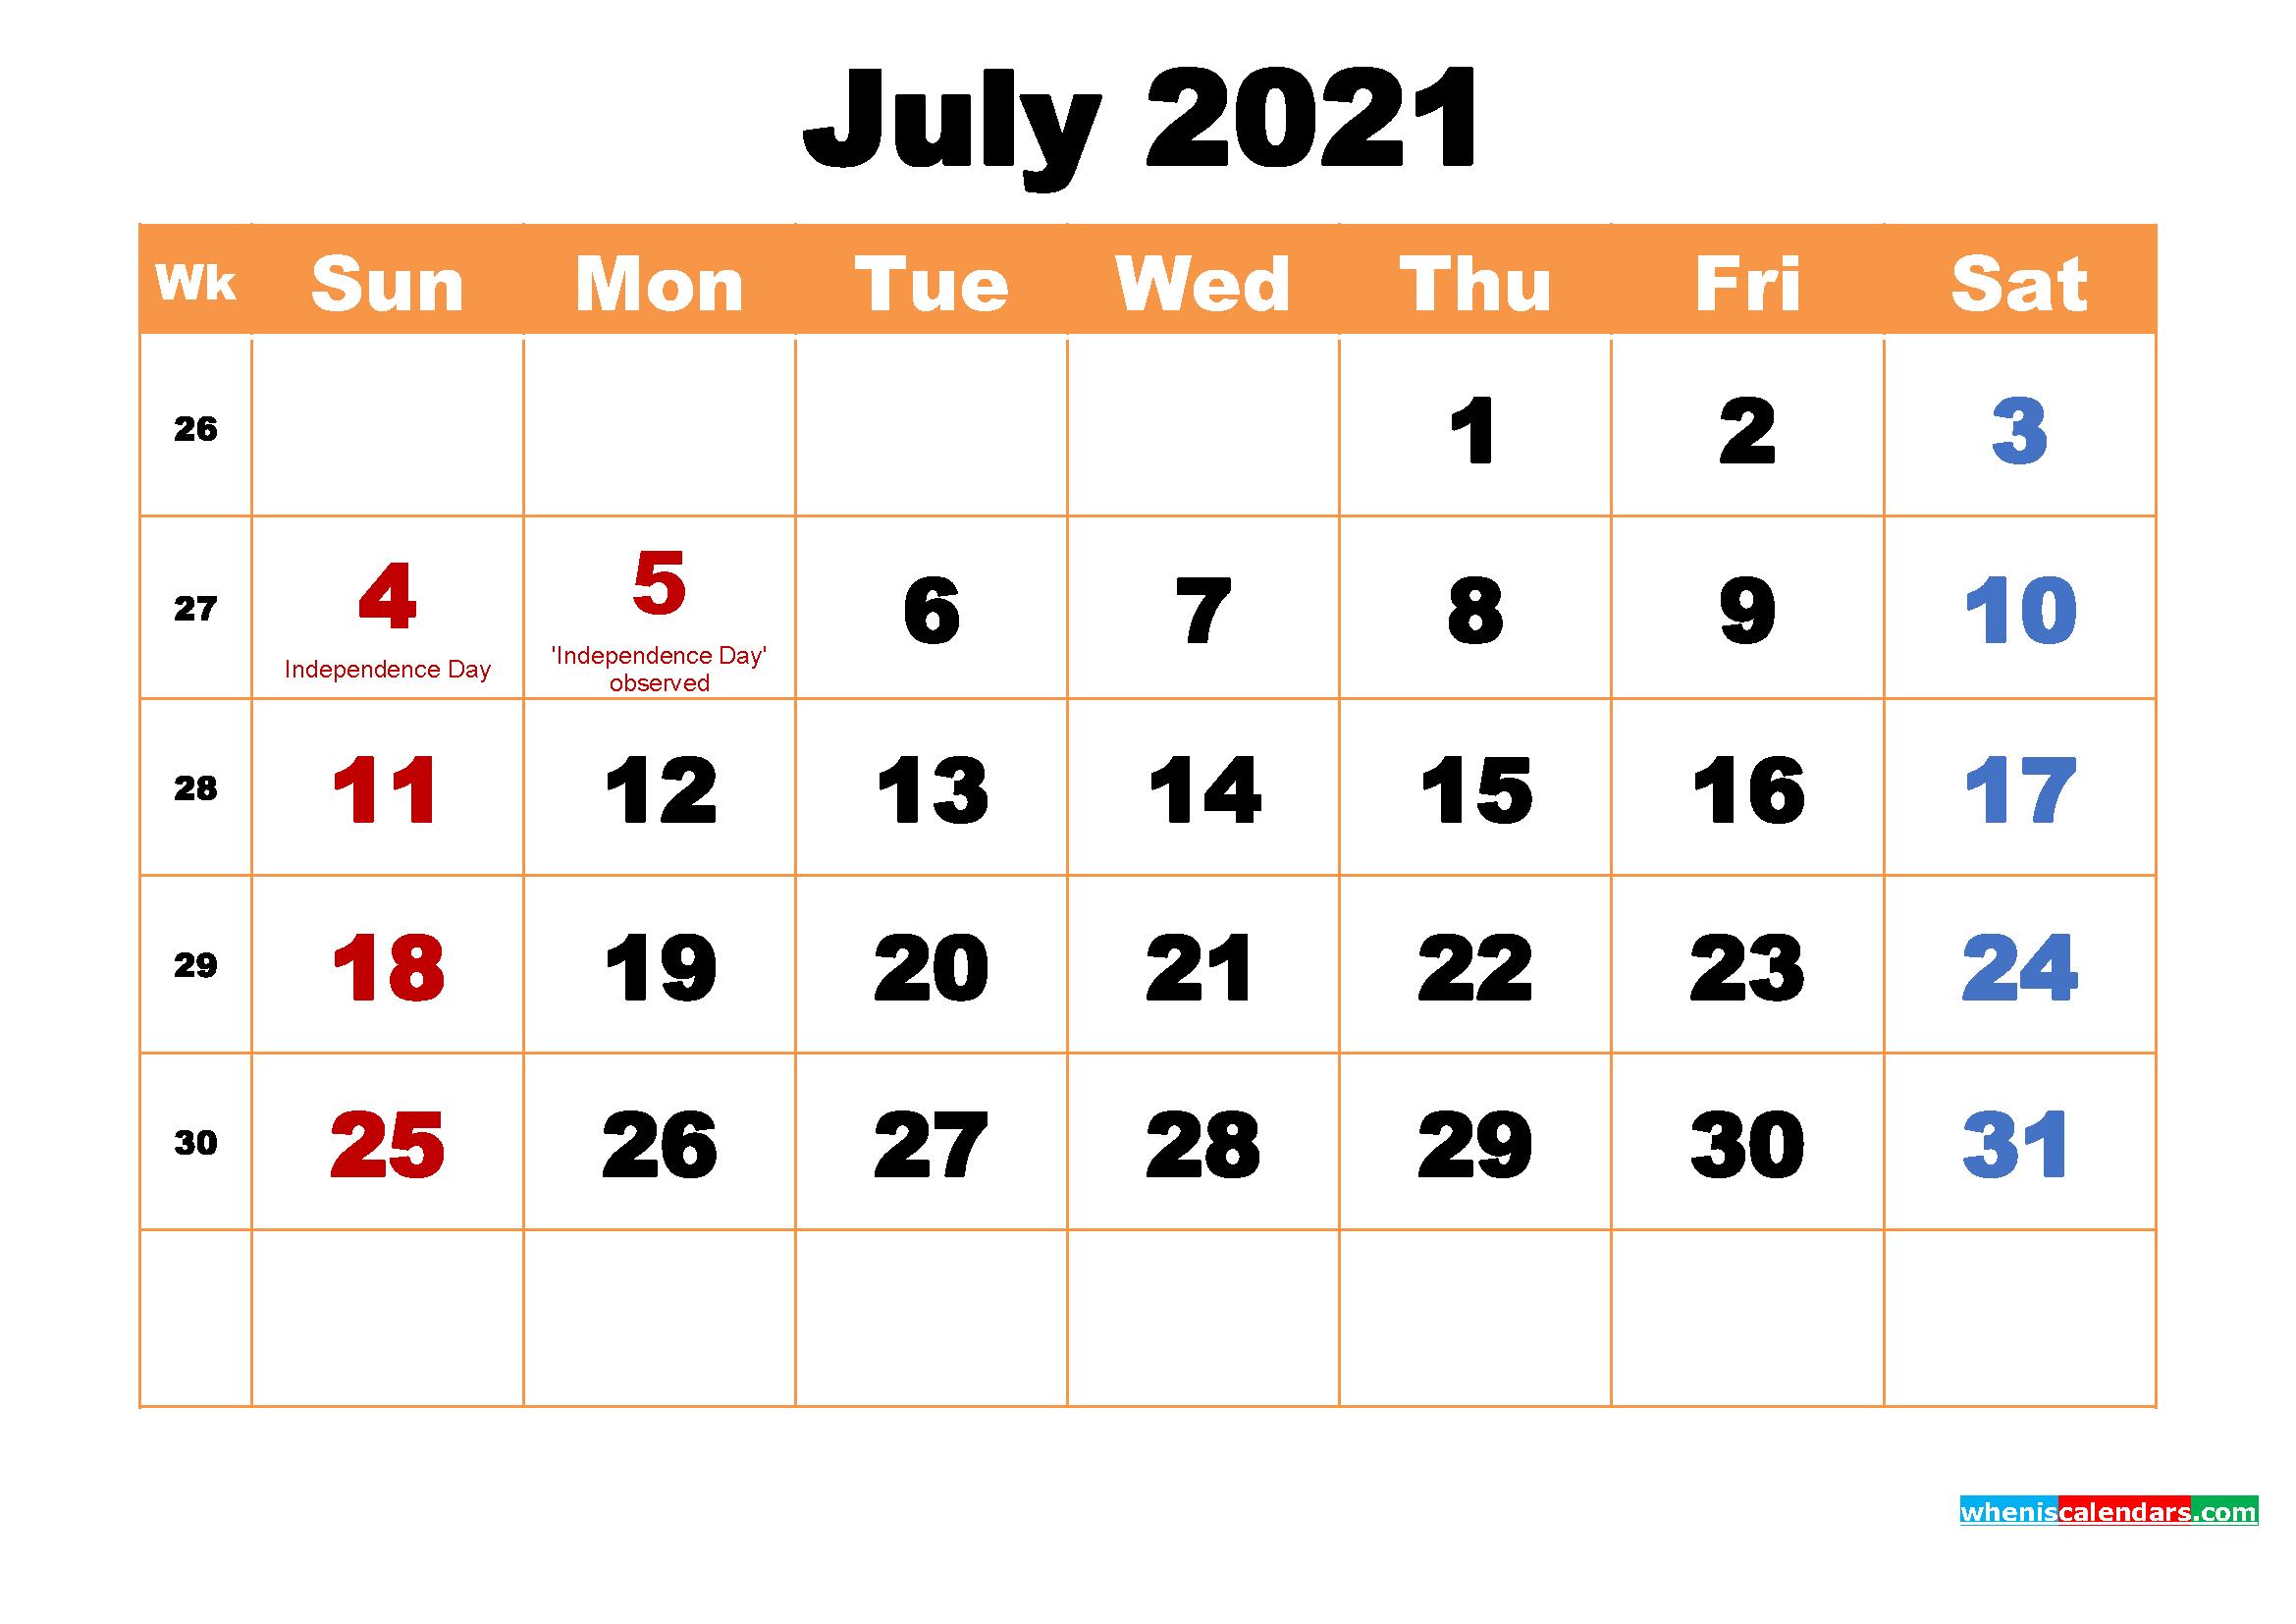 July 2021 Calendar Wallpaper High Resolution